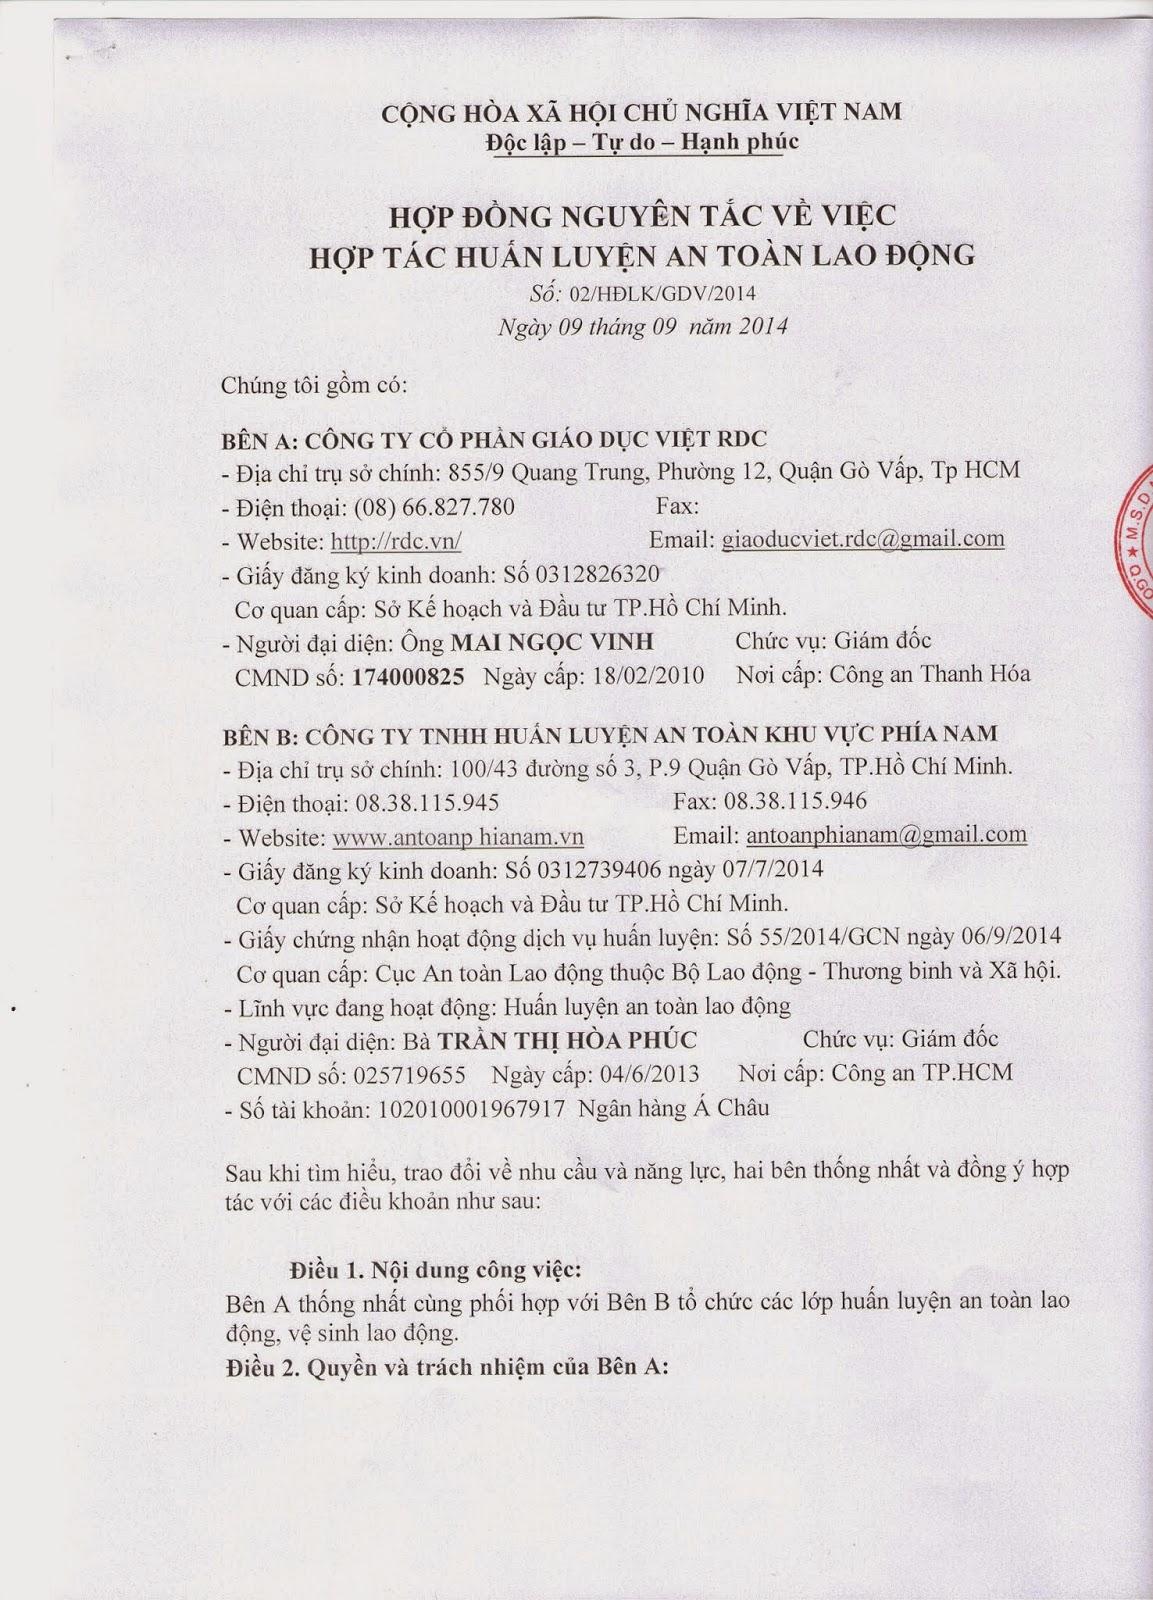 Hợp đồng liên kết Công Ty TNHH Huấn Luyện An Toàn Khu Vực Phía Nam - Công Ty Cổ Phần Giáo Dục Việt RDC